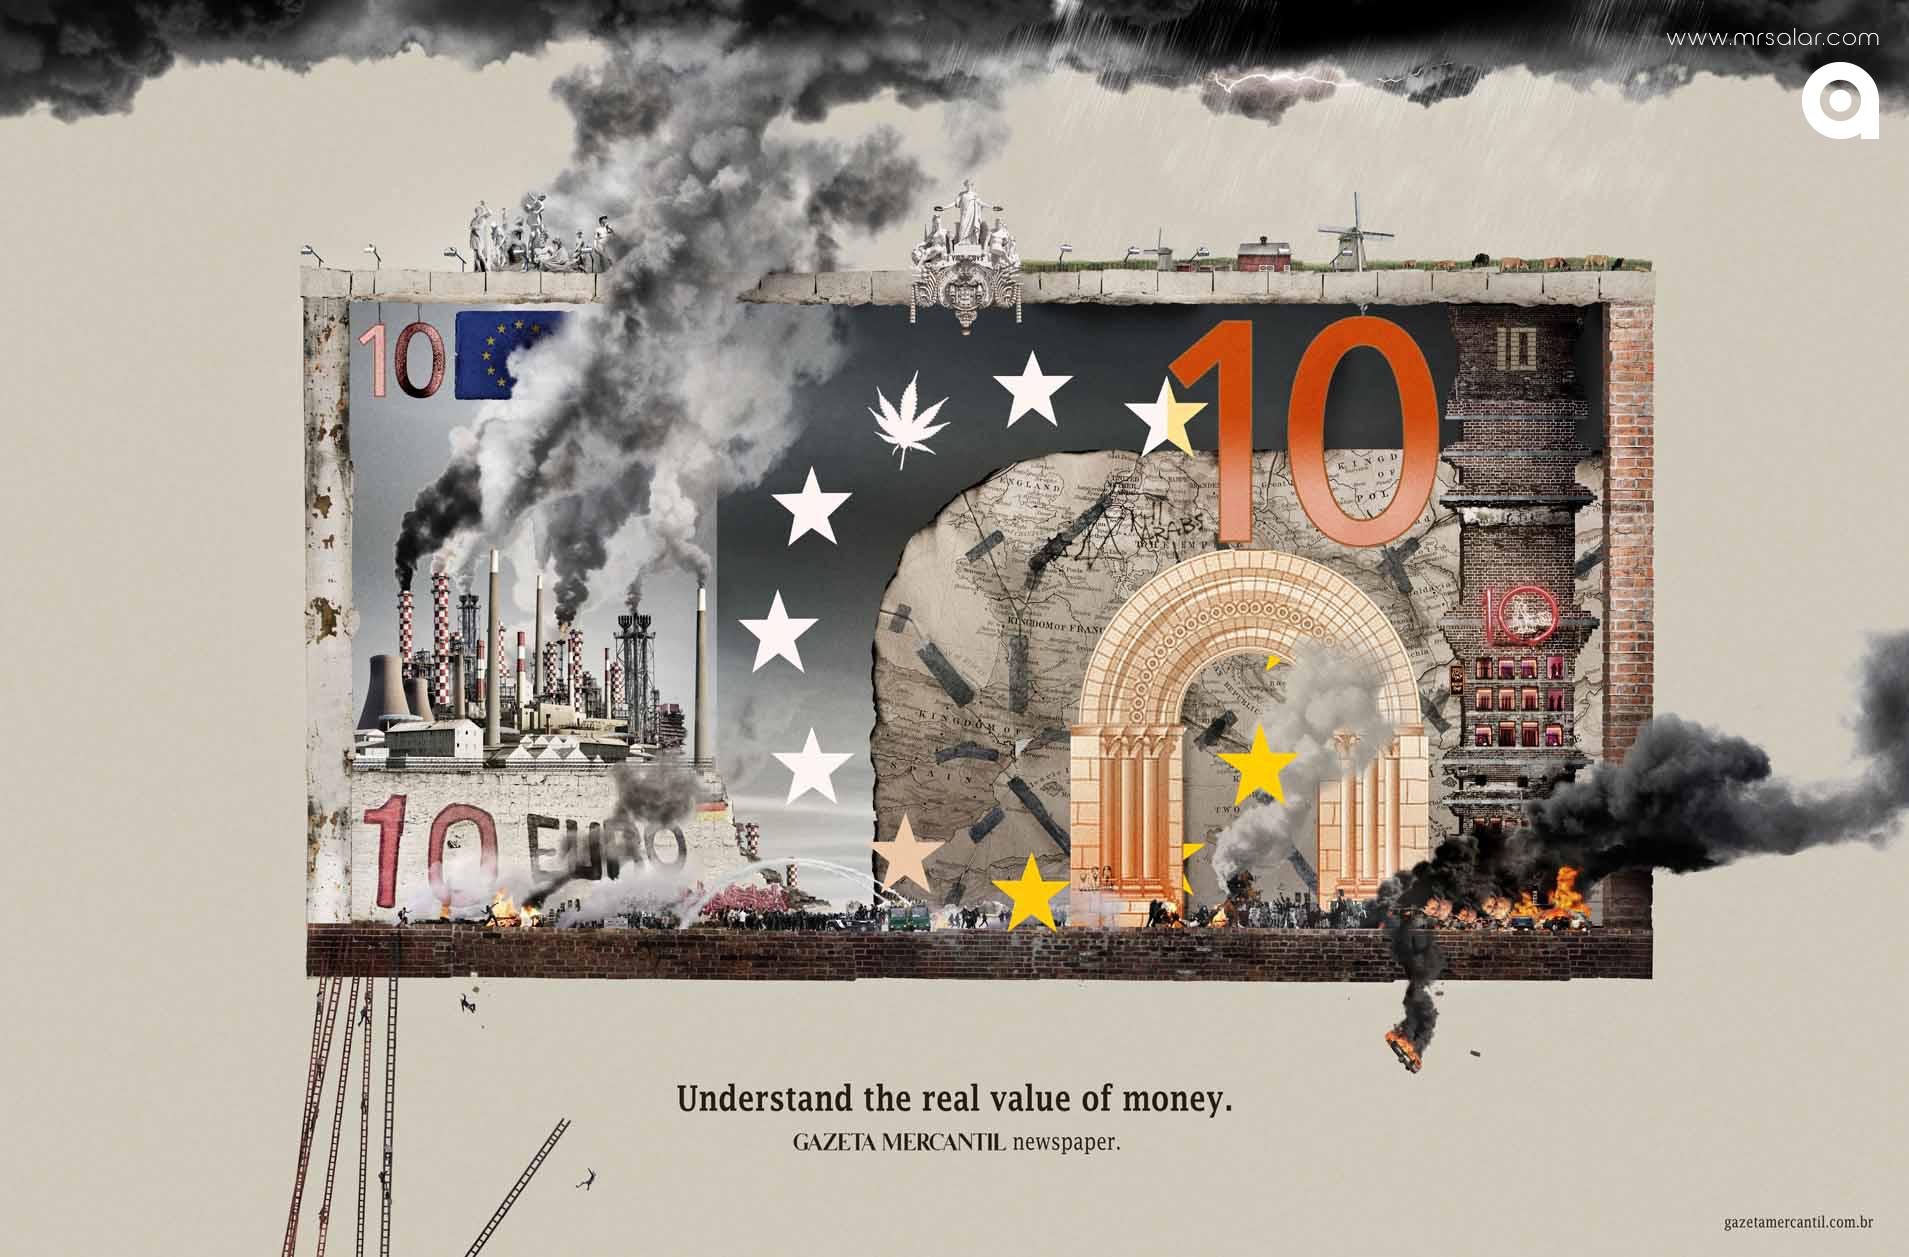 تصویر تبلیغاتی رسانه خبری Gazeta Mercantil: یورو